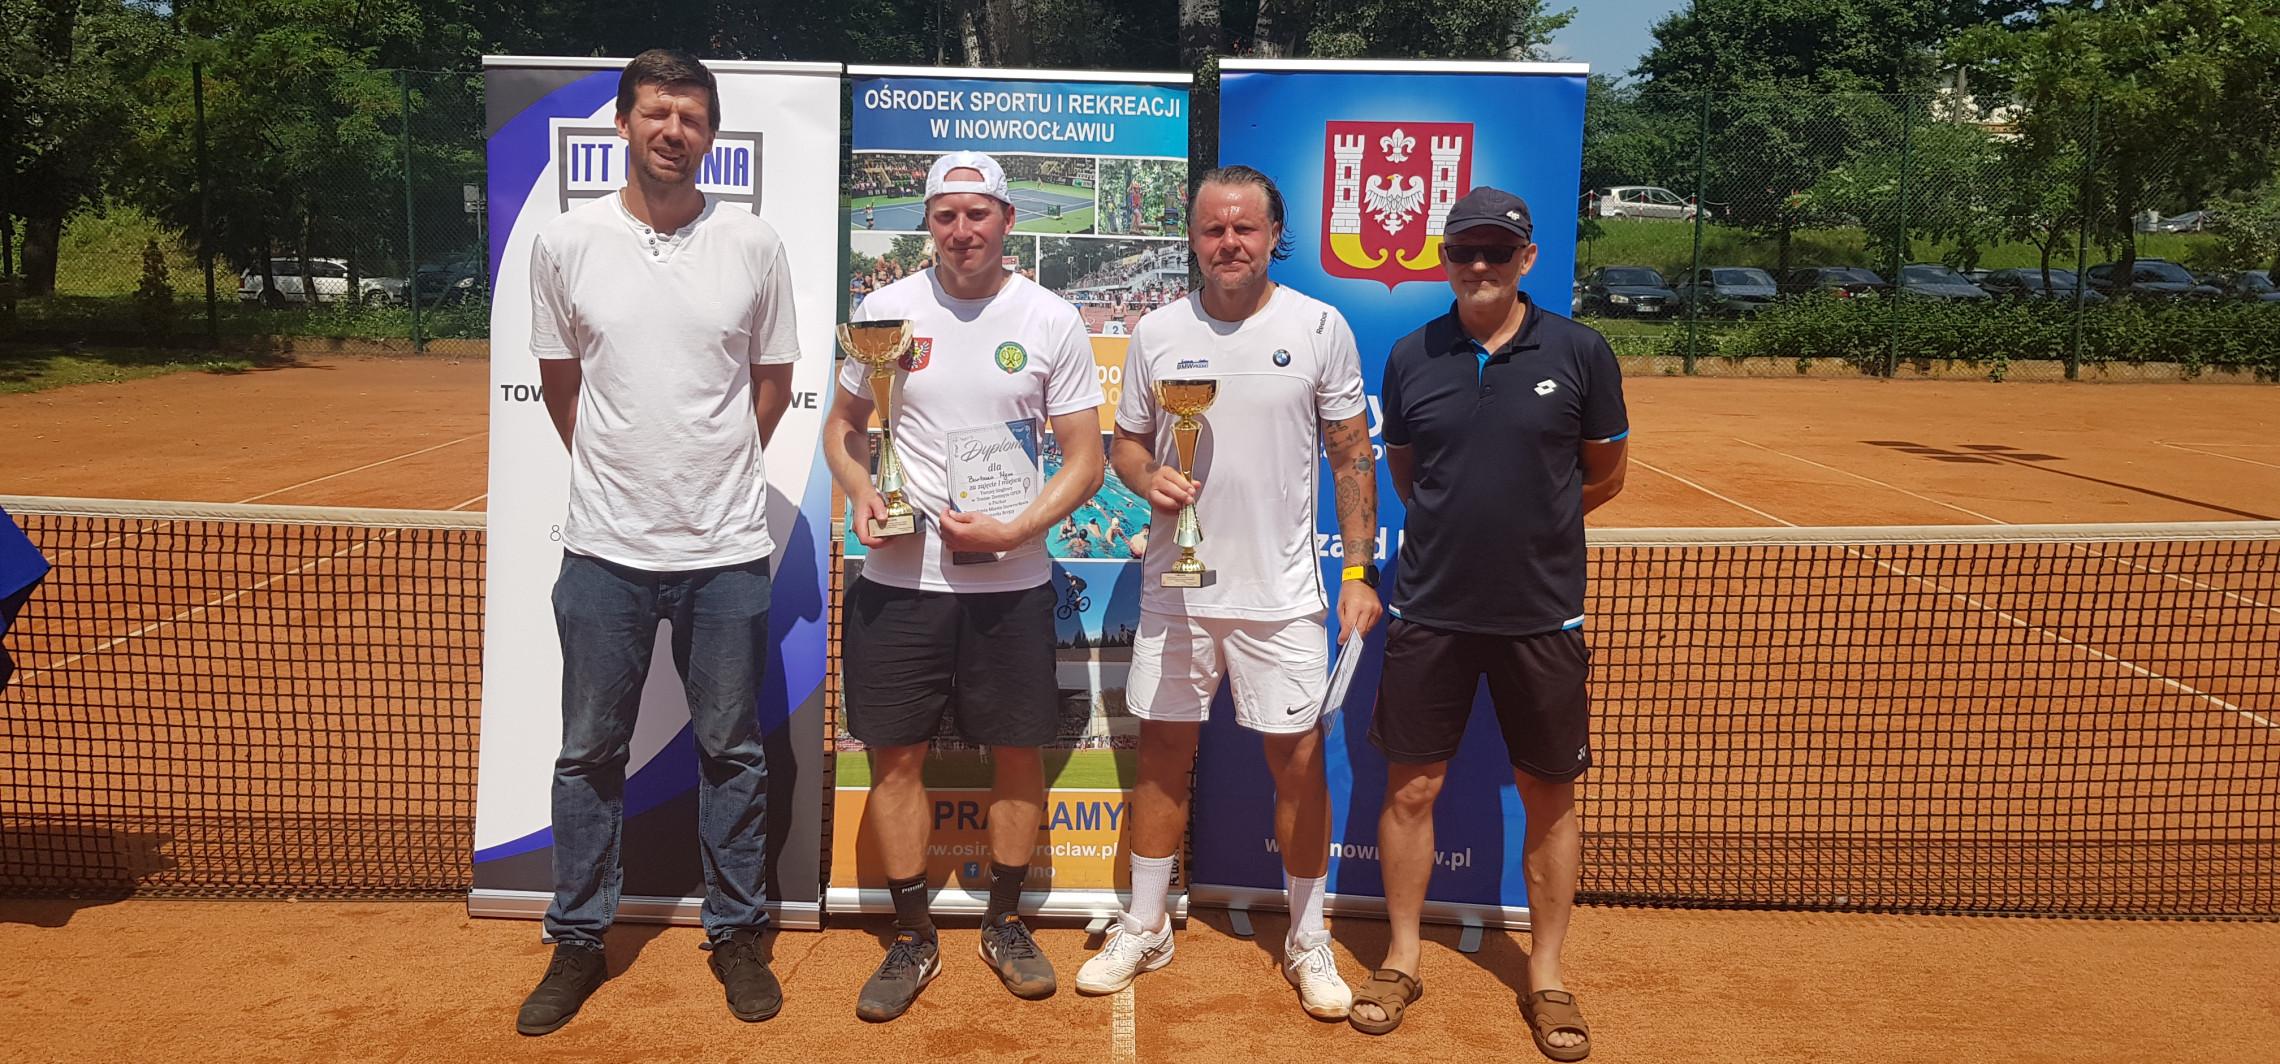 Inowrocław - Za nami tenisowy turniej. Kto zwyciężył?